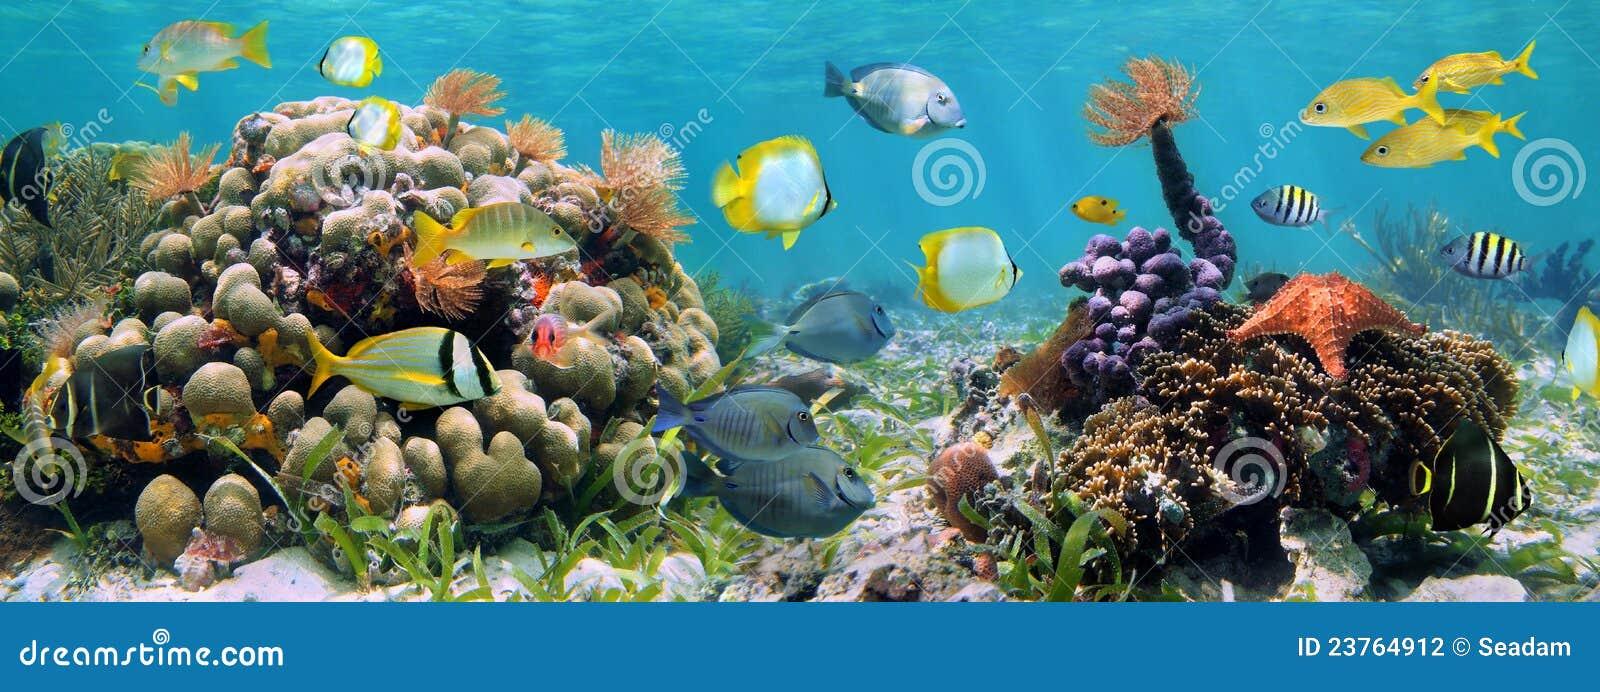 Panoramic reef